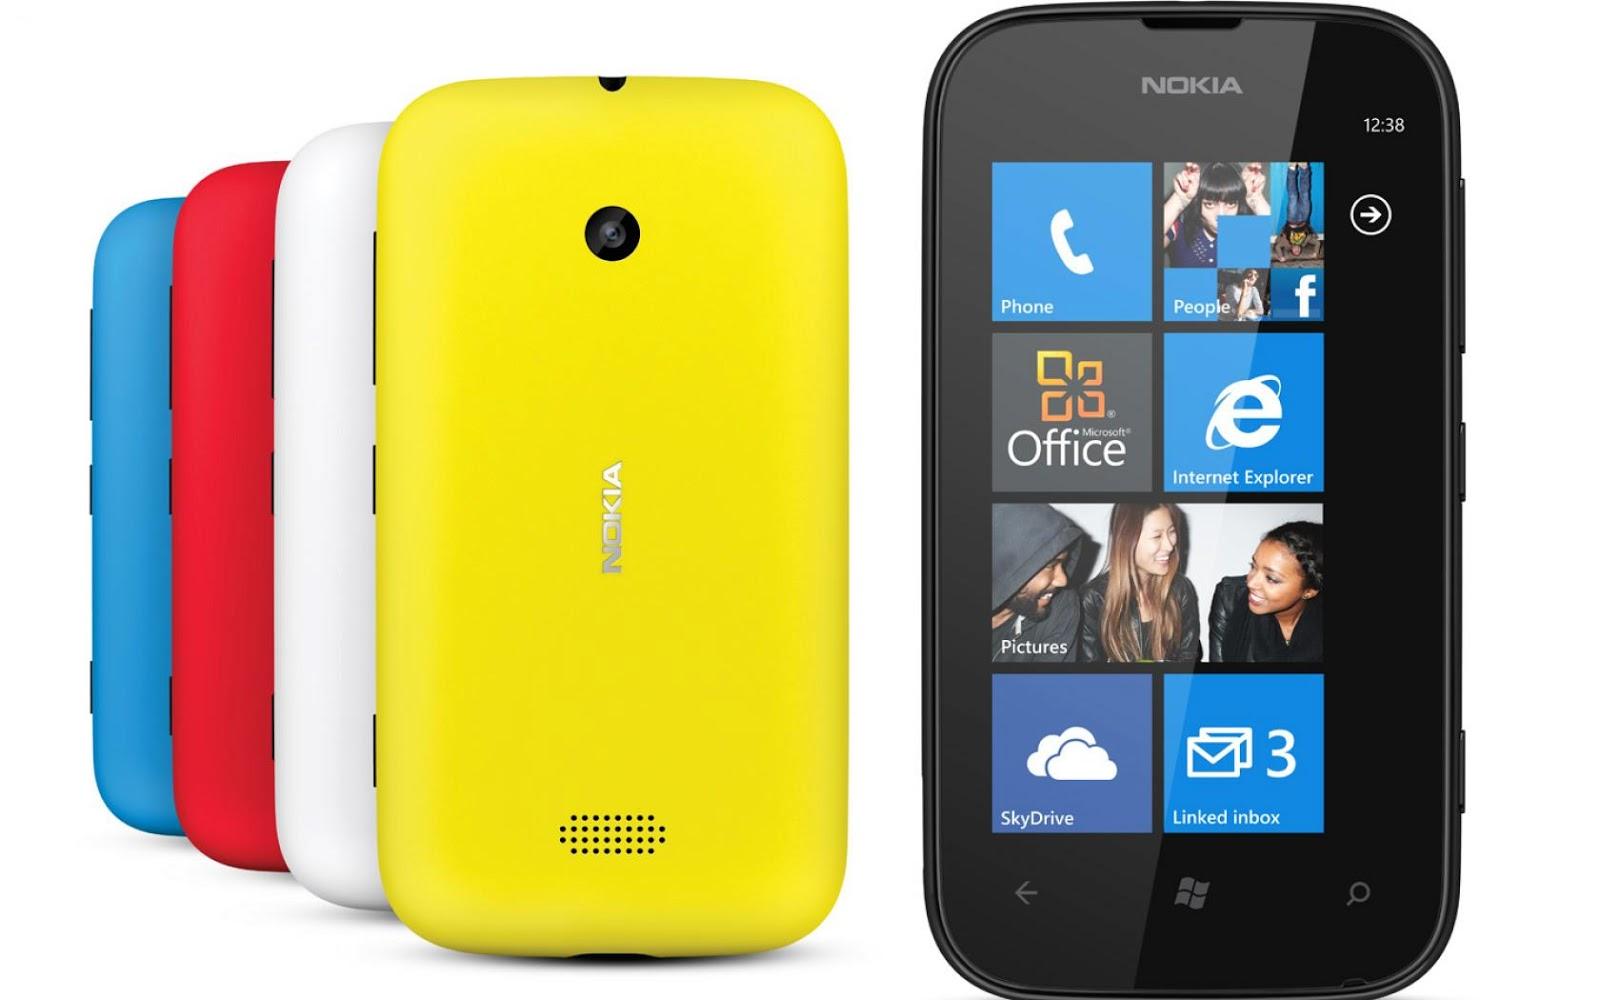 http://1.bp.blogspot.com/-ZKaJ2EylLVA/UXf_hW9MoZI/AAAAAAAAAgs/JCs7m_1WdTo/s1600/Nokia-lumia-510-hd-picture-widescreen-wallpaper-1680x1050-4-51401f7890acc-3316.jpg